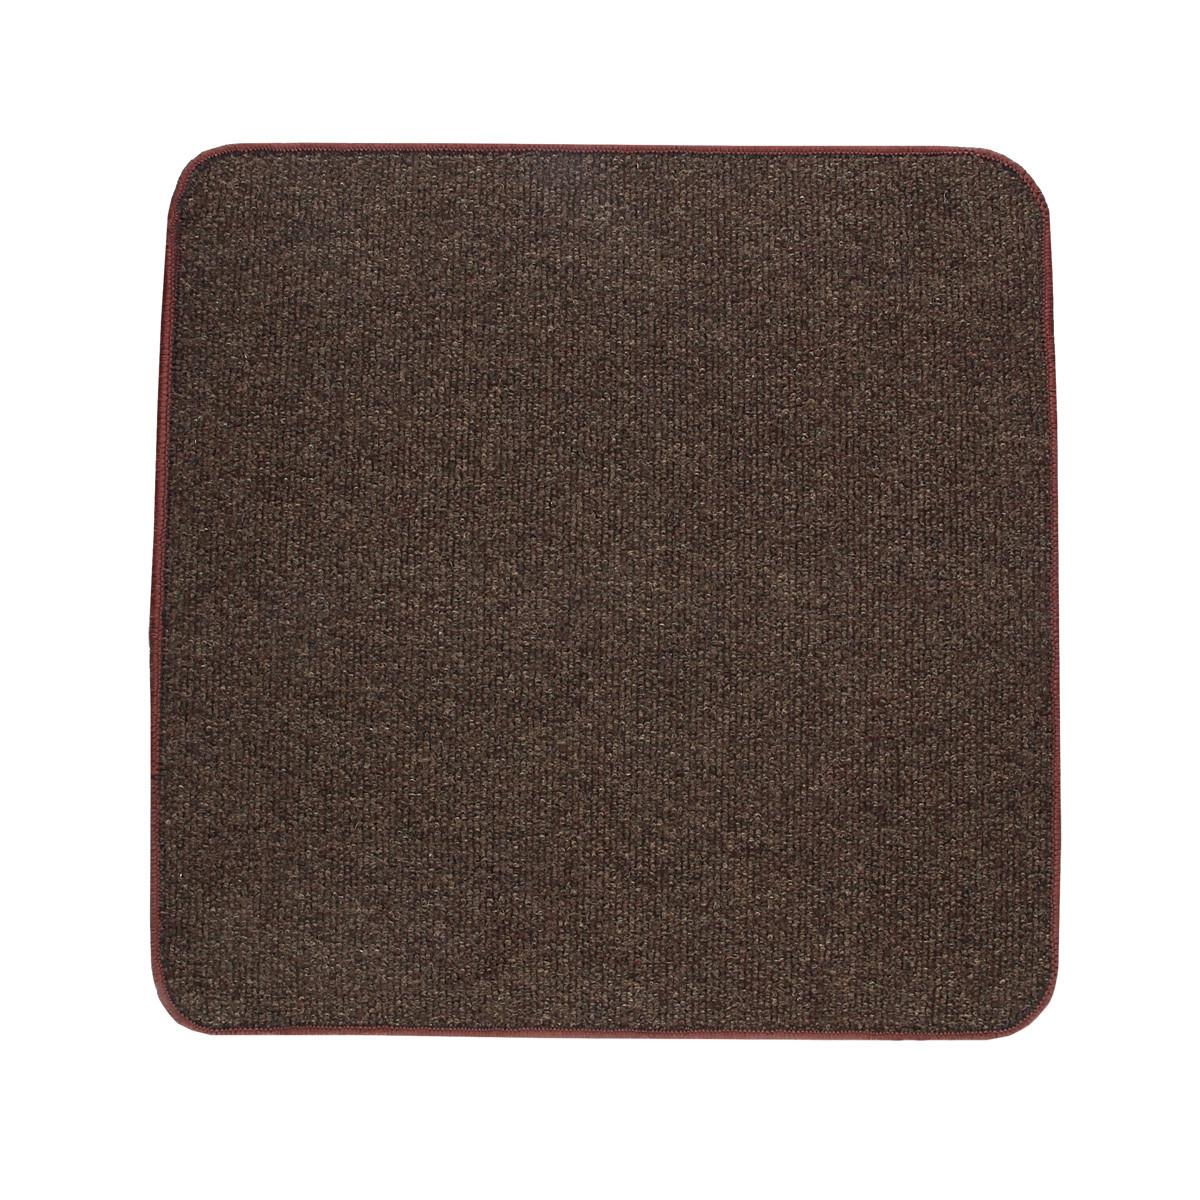 Електричний килимок з підігрівом Теплик з термоізоляцією 100 х 100 см Темно-коричневий